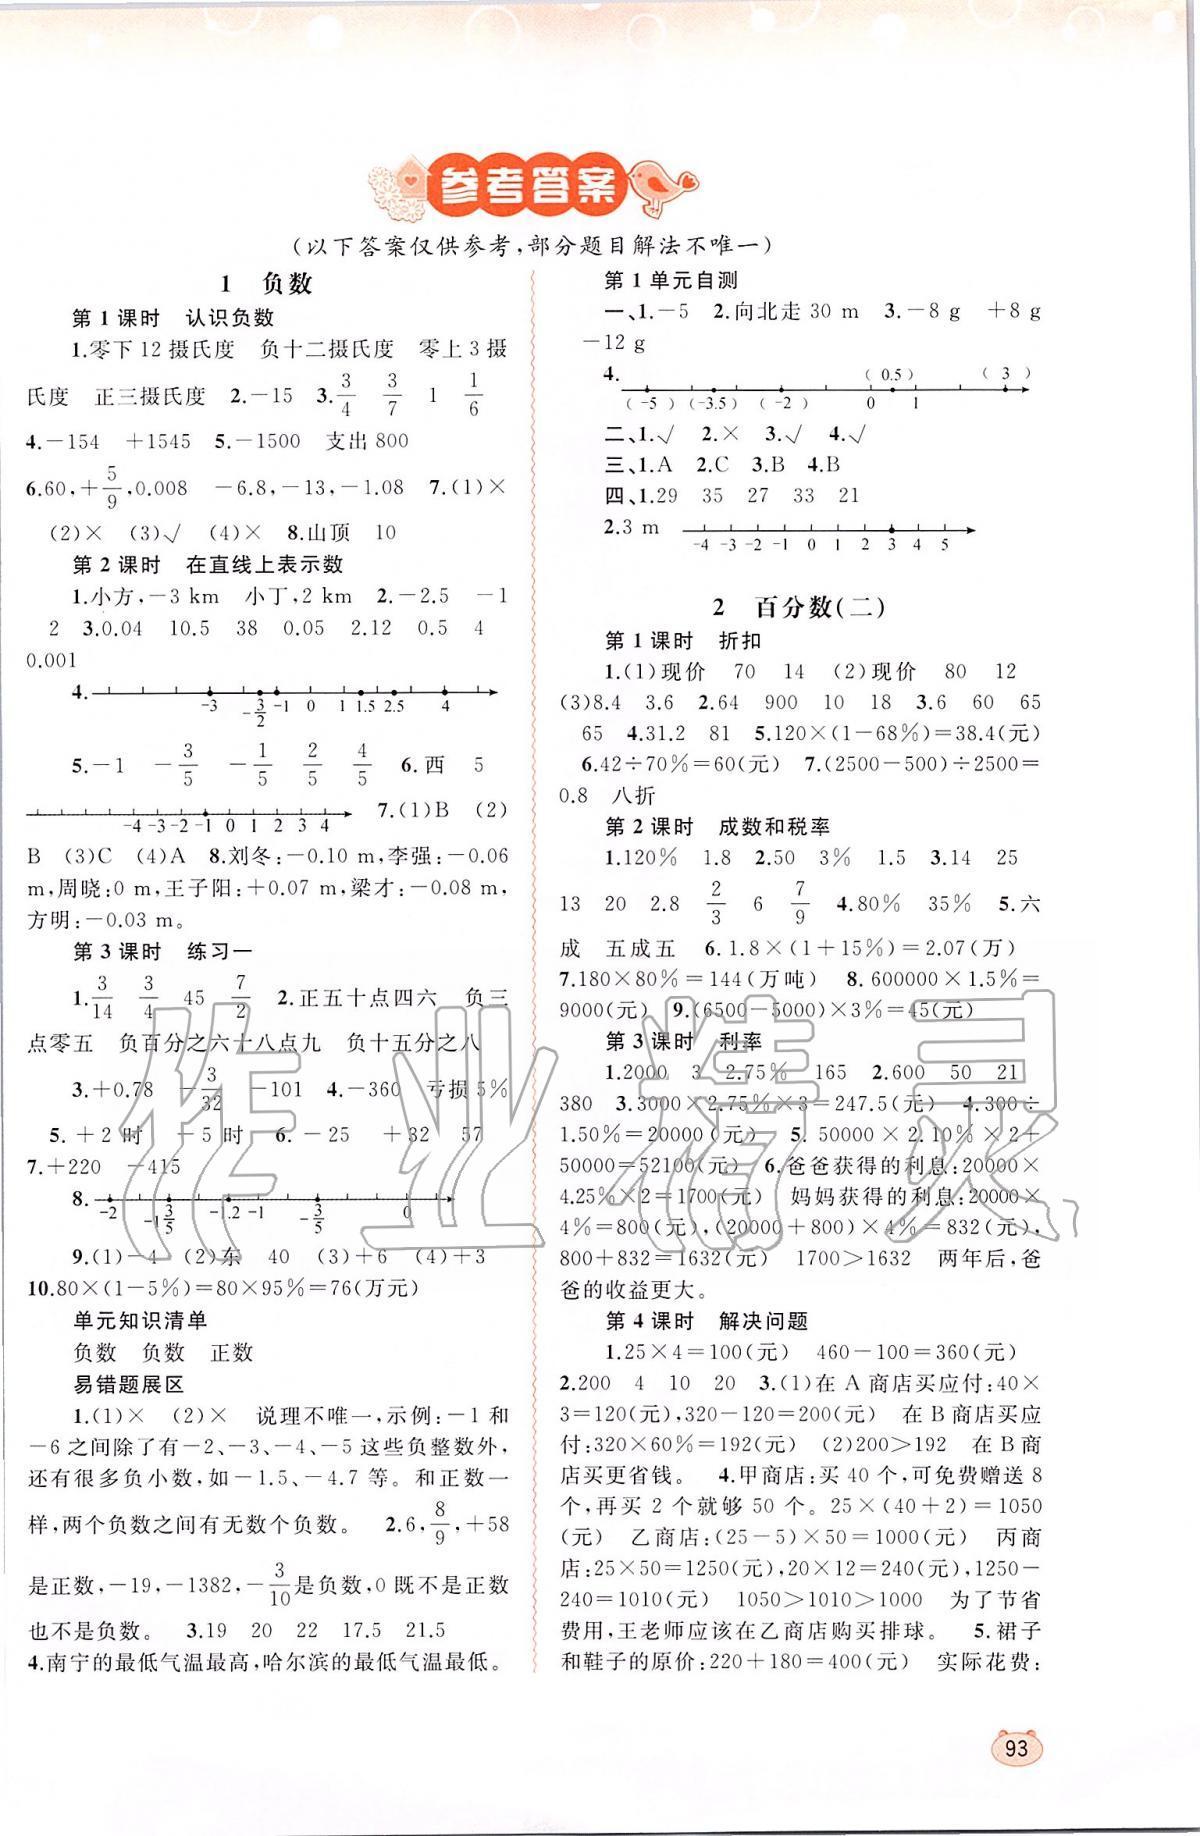 2020年新課程學習與測評同步學習六年級數學下冊人教版第1頁